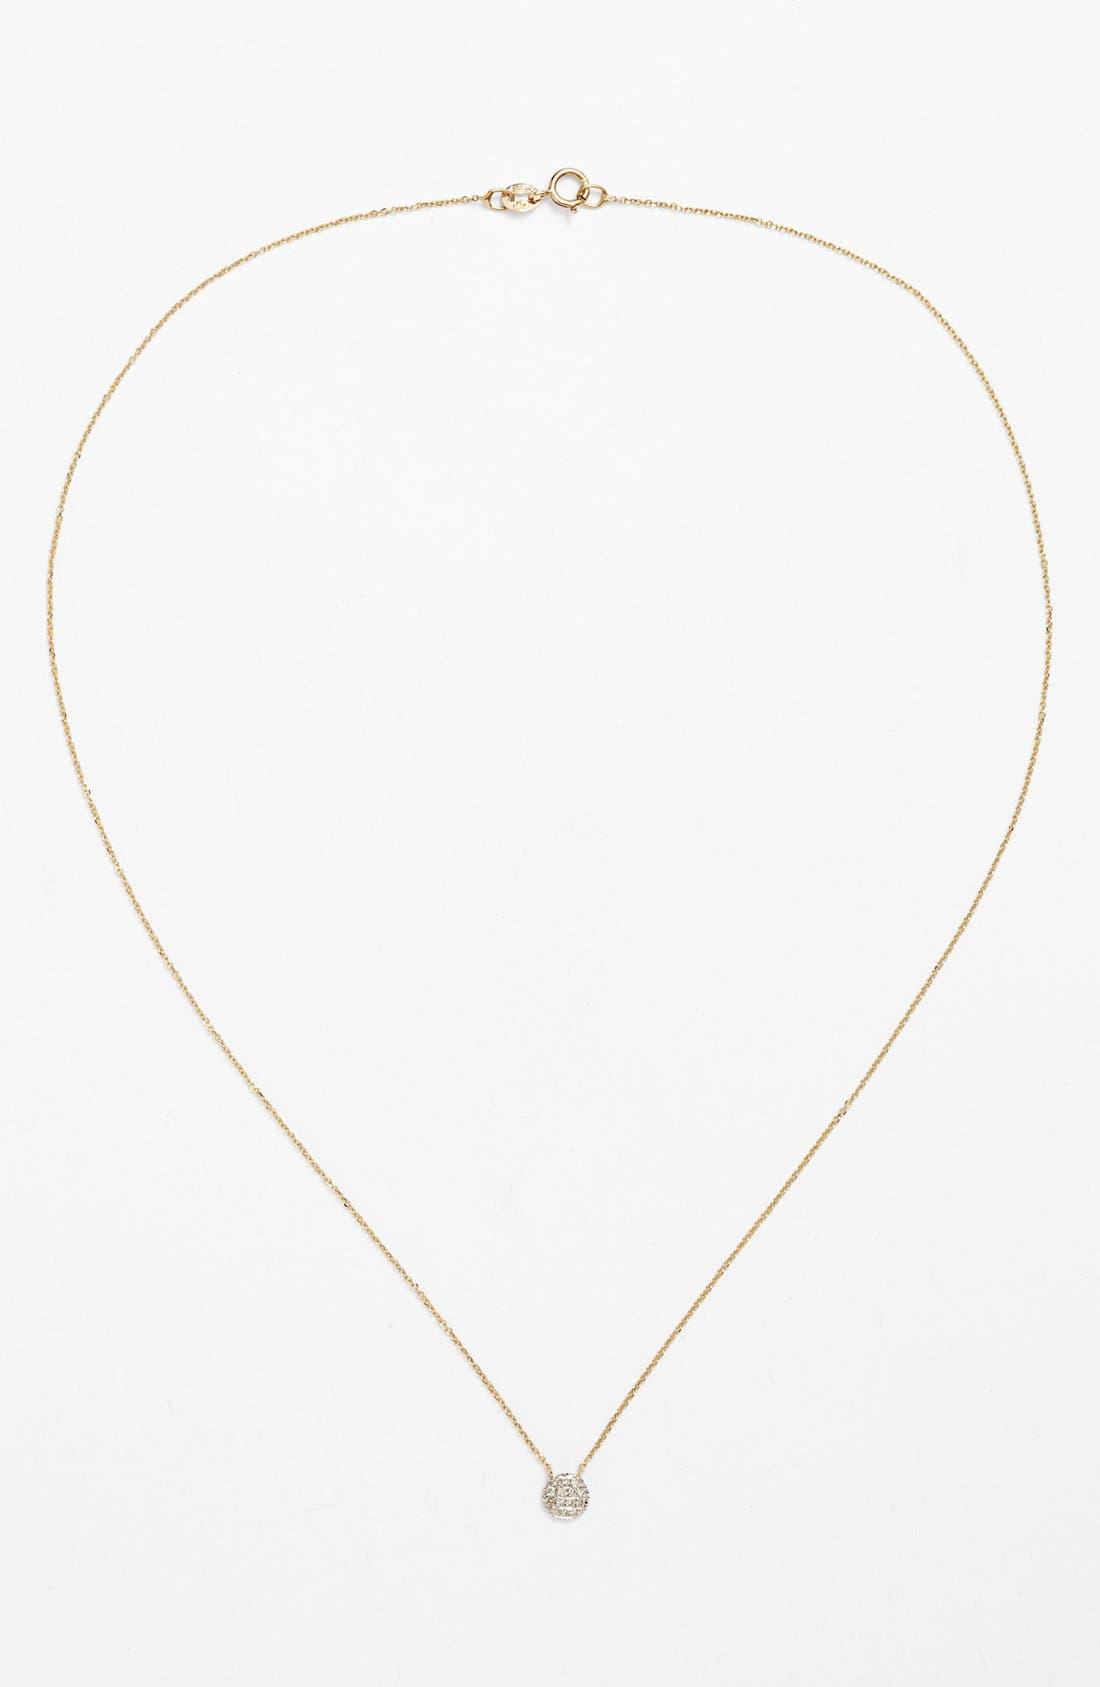 'Lauren Joy' Diamond Disc Pendant Necklace,                             Alternate thumbnail 6, color,                             YELLOW GOLD